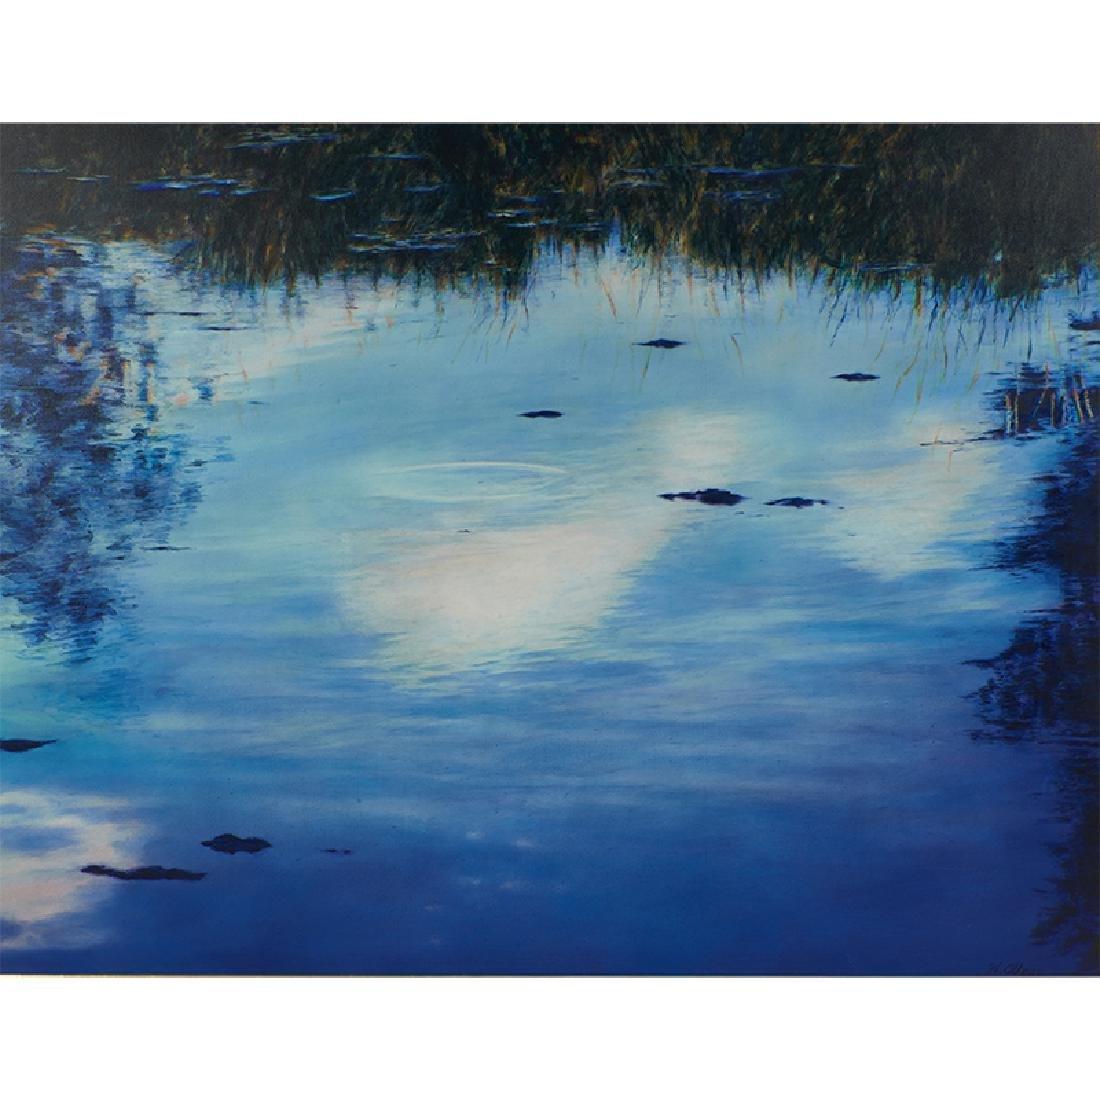 William Allan, Colorado Pond - Blue